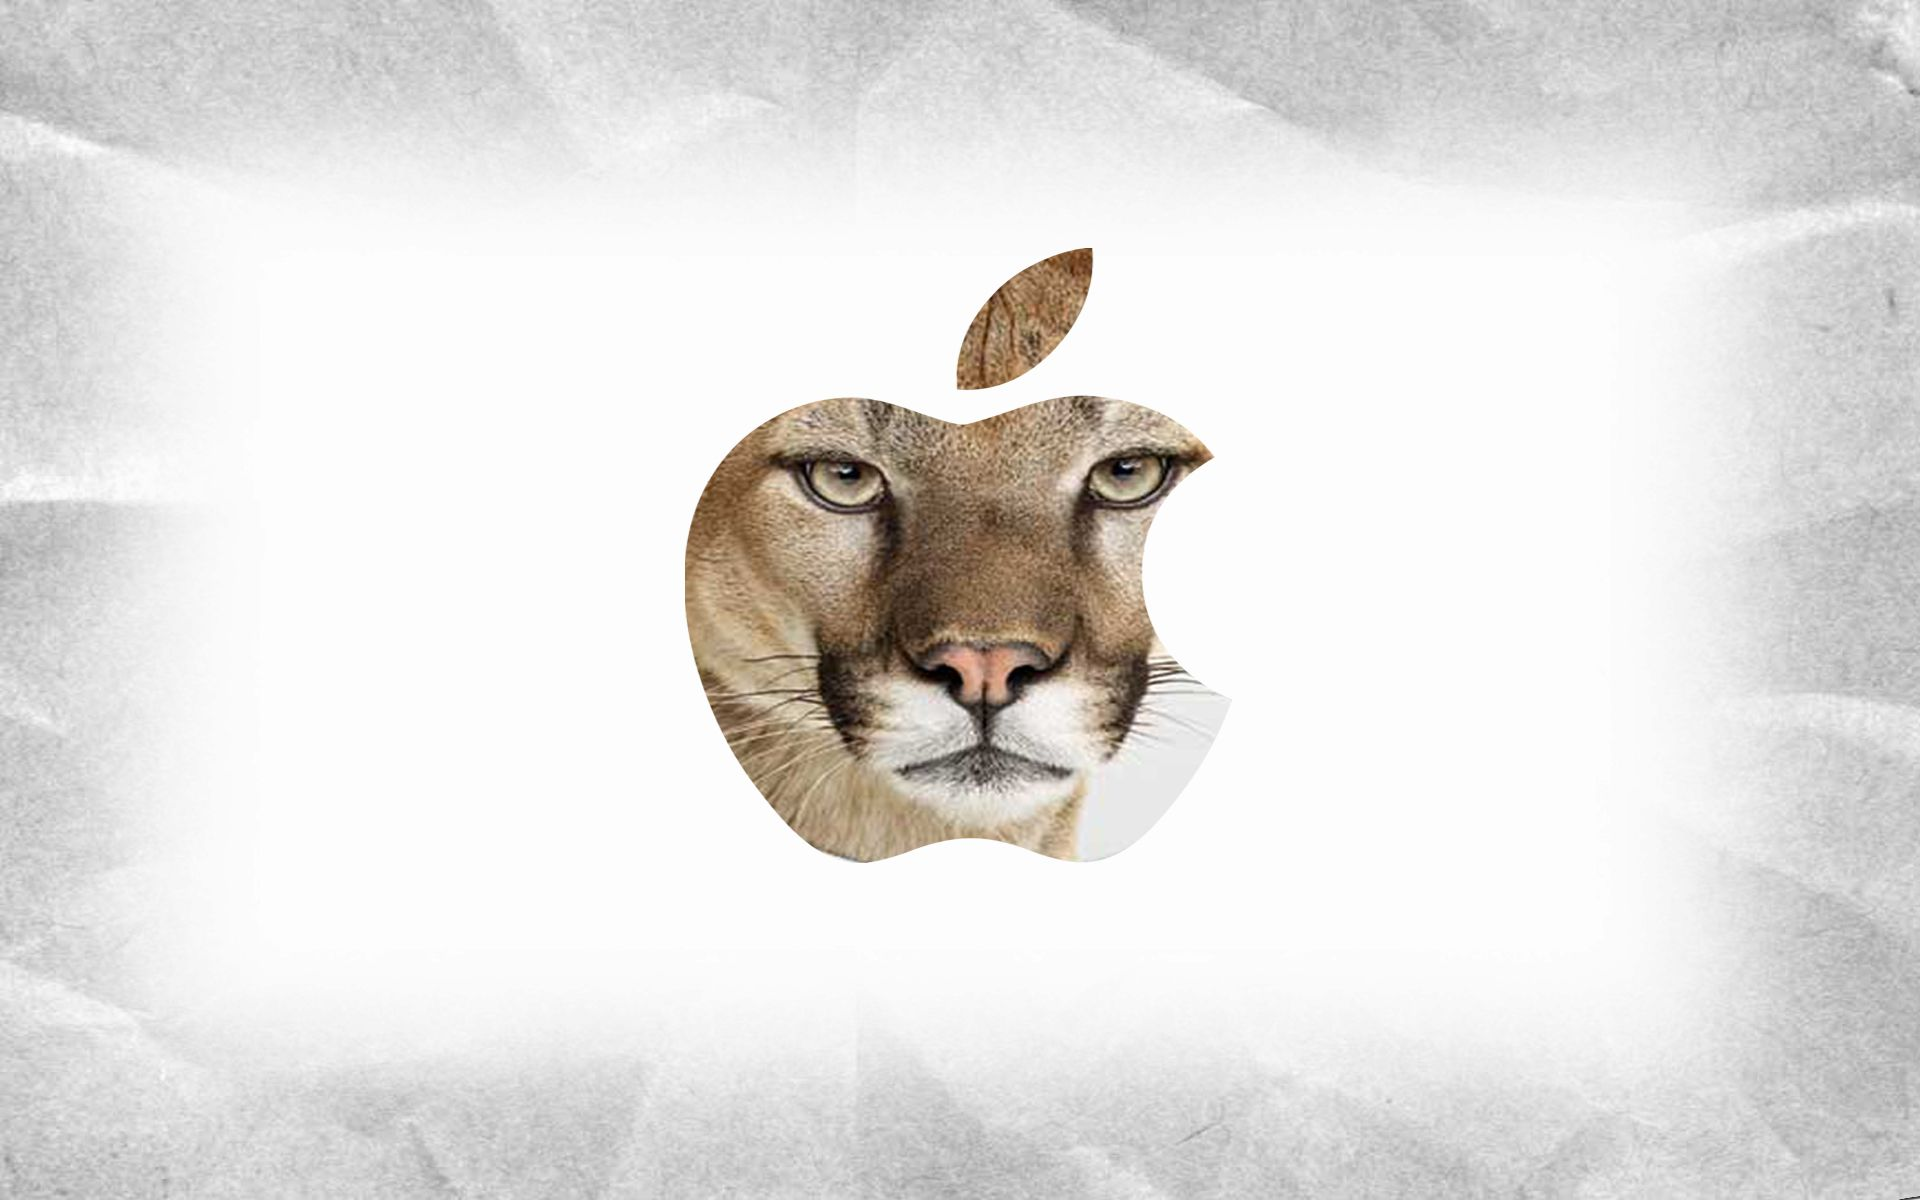 hd wallpaper mac mountain lion